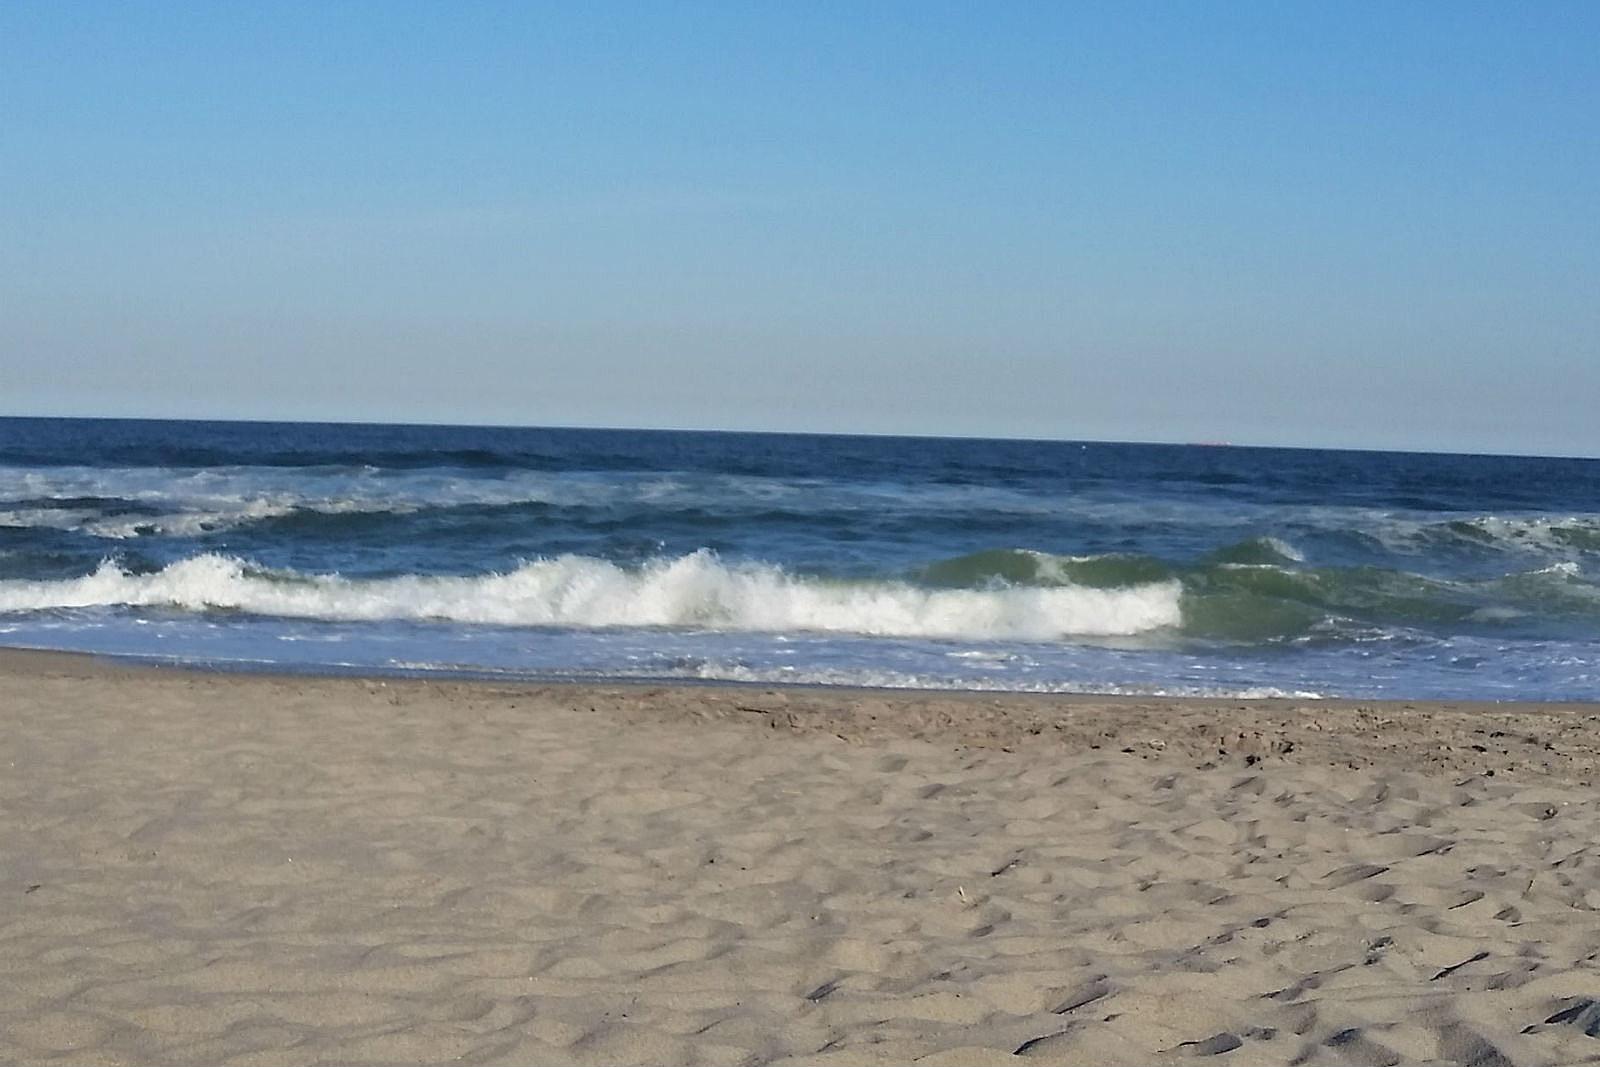 Nj beach pic 6